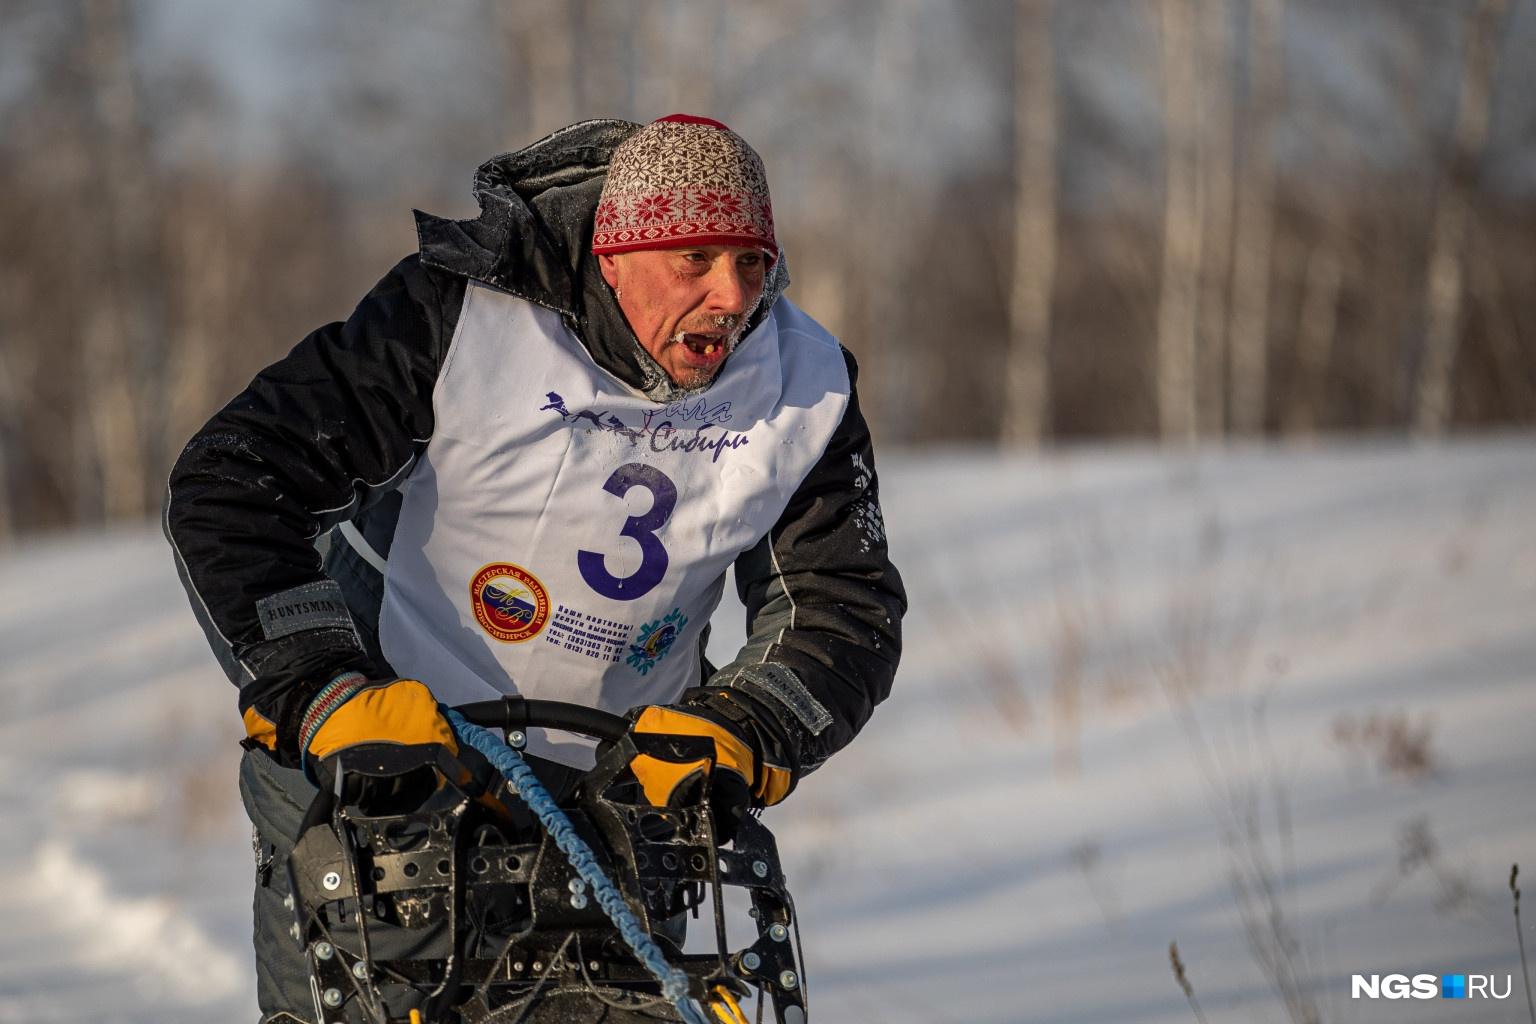 Несмотря на сибирские морозы все спортсмены дошли до финиша